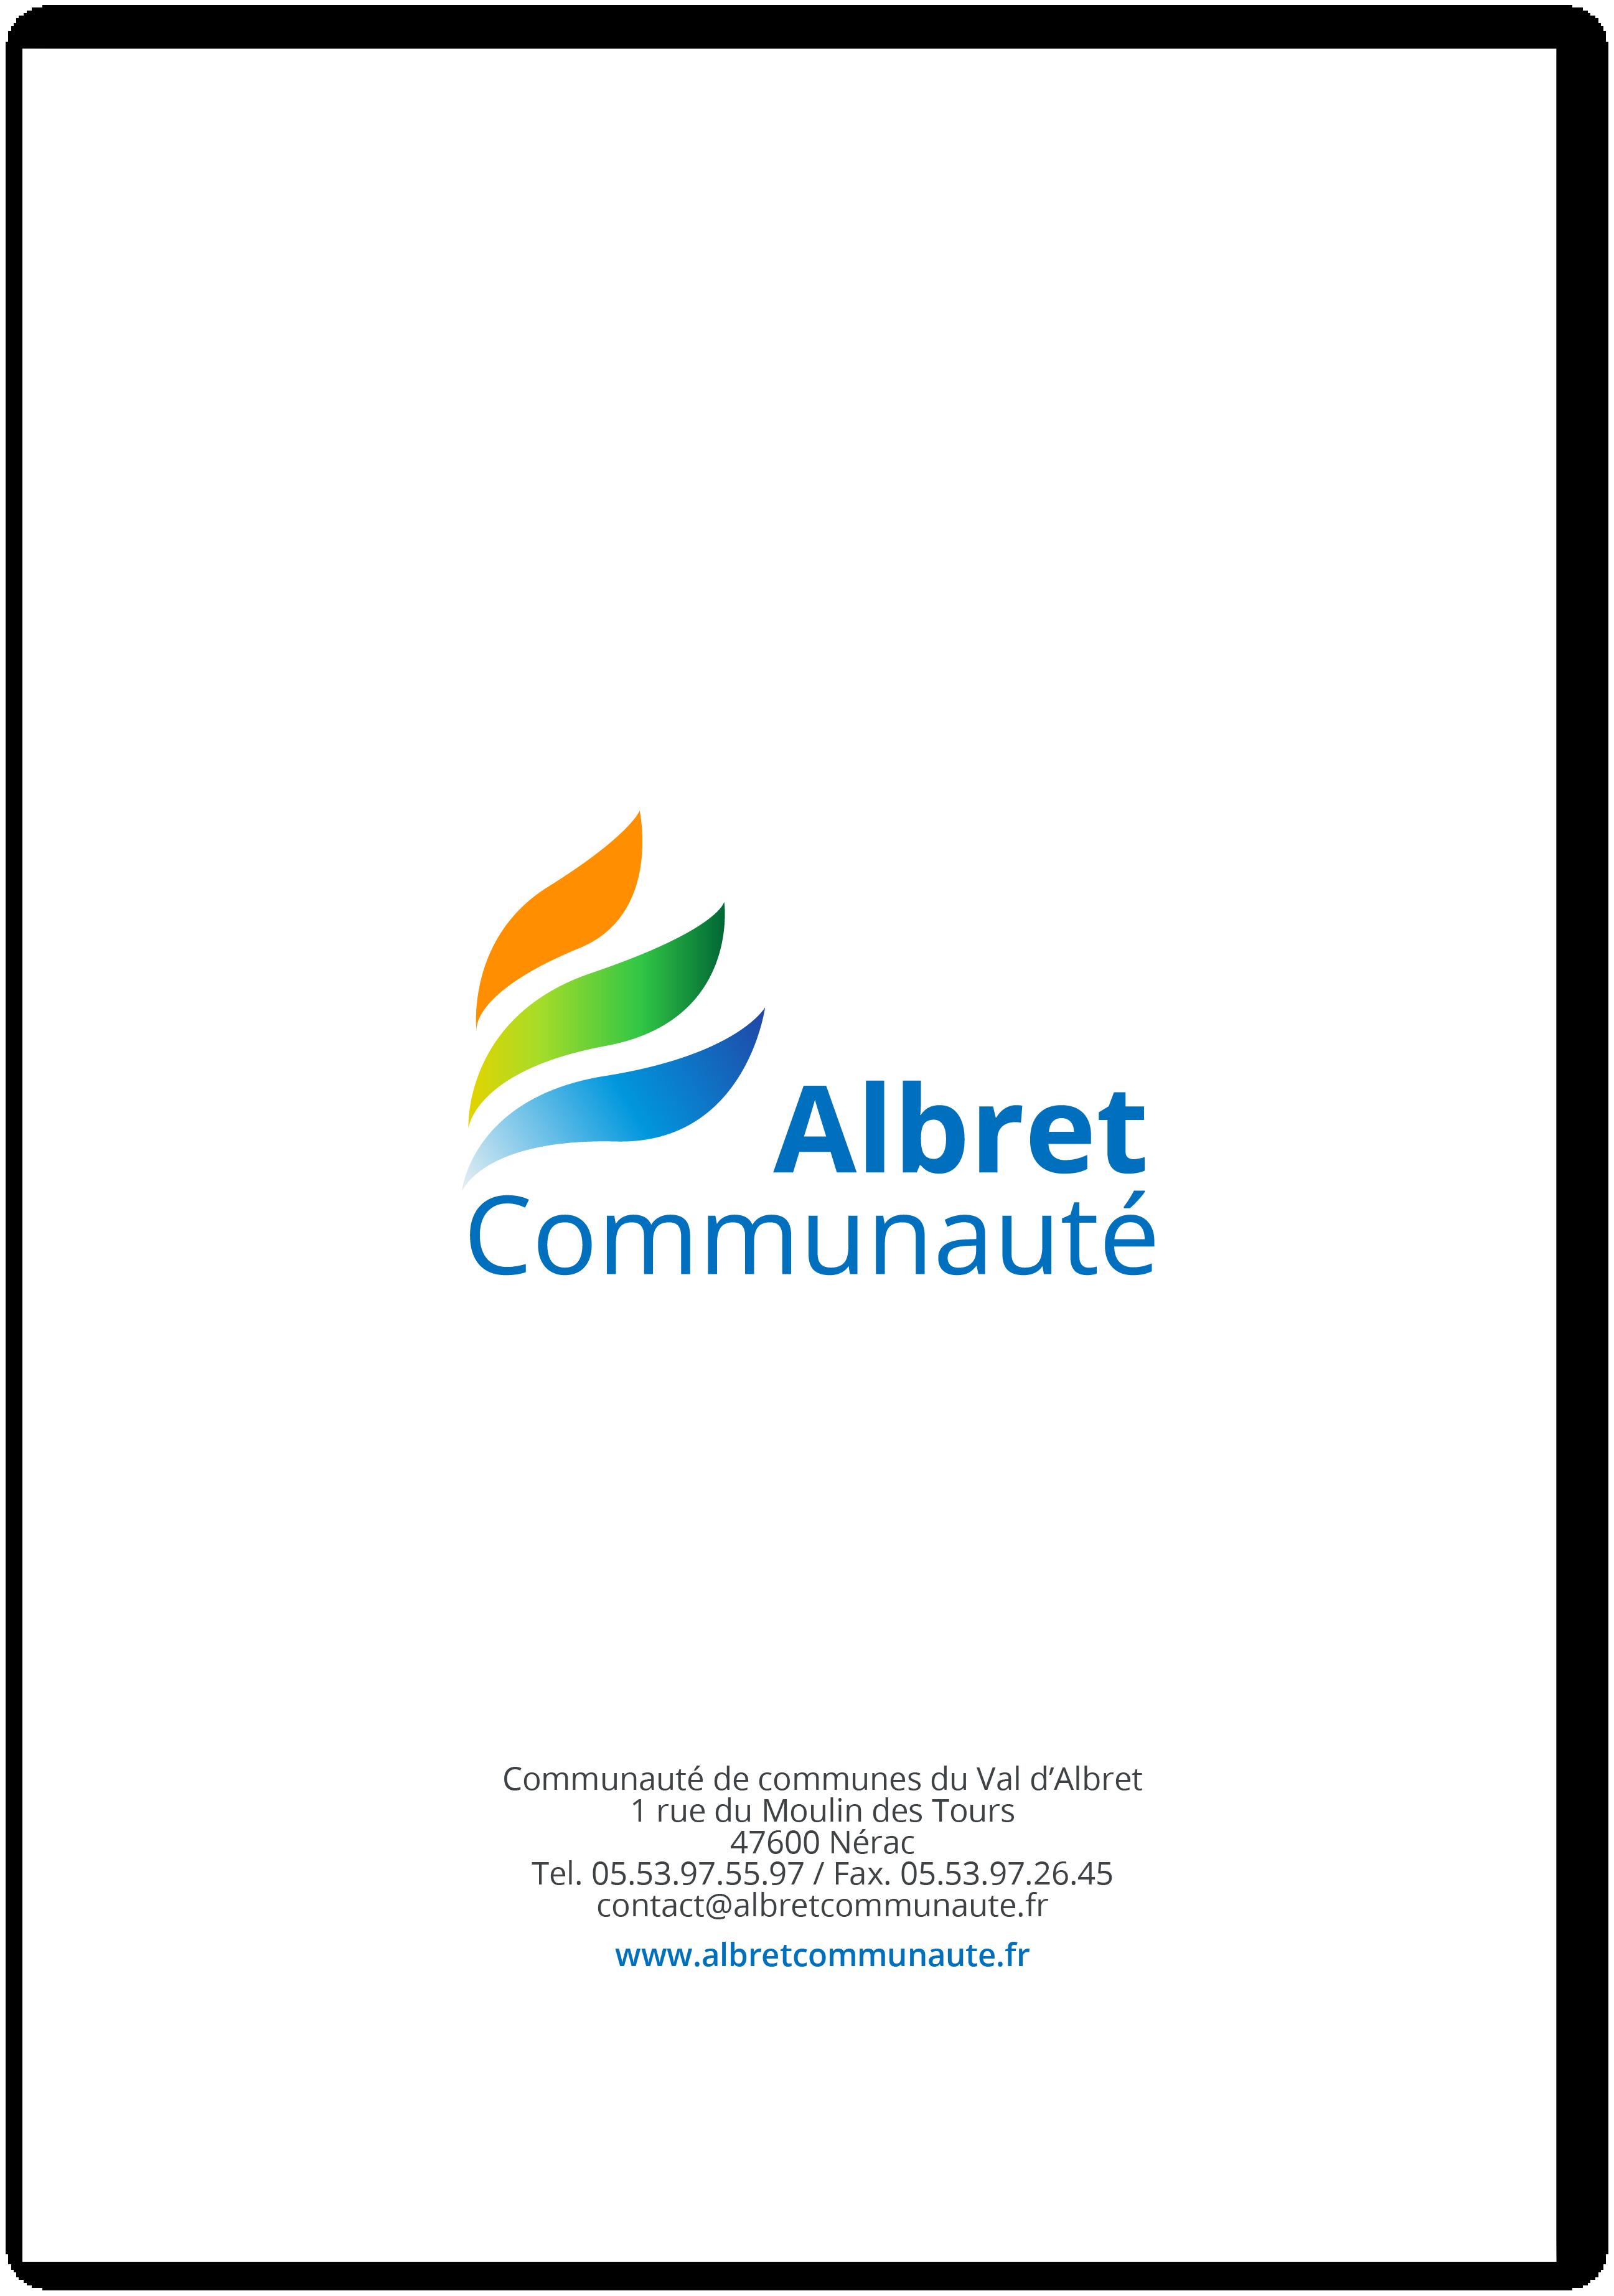 Exemple pochette verso charte graphique Albret Communauté